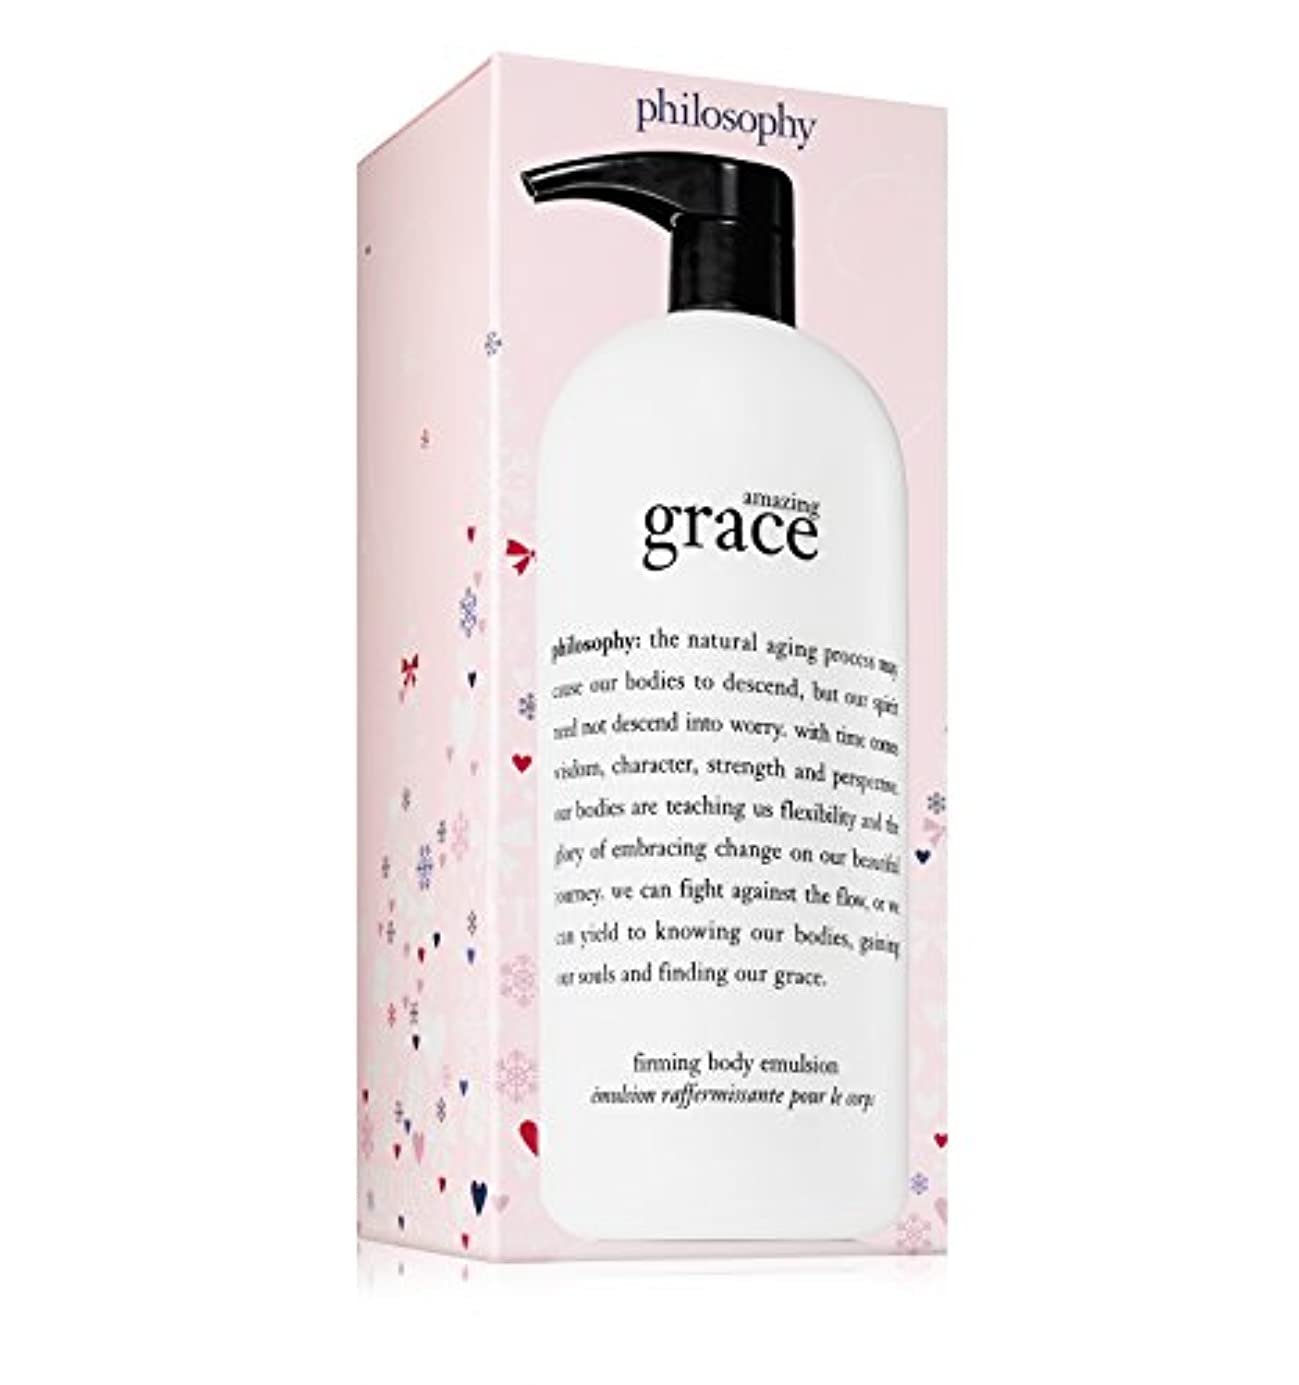 革命的歩き回る逆さまにPhilosophy - Amazing Grace Firming Body Emulsion Jumbo Limited Edition Holiday 2017